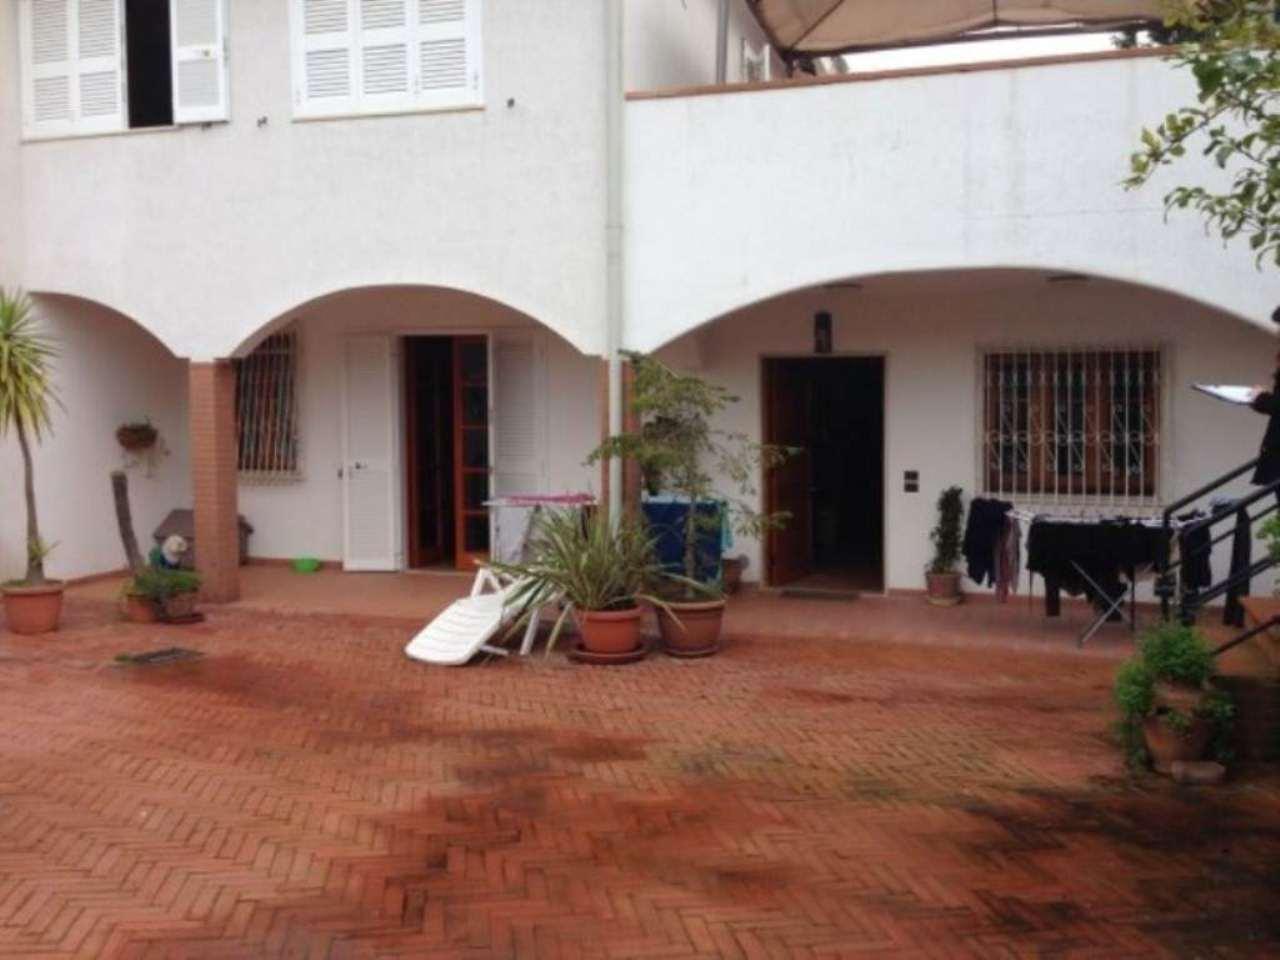 Appartamento in vendita a San Sebastiano al Vesuvio, 9999 locali, prezzo € 650.000 | Cambio Casa.it